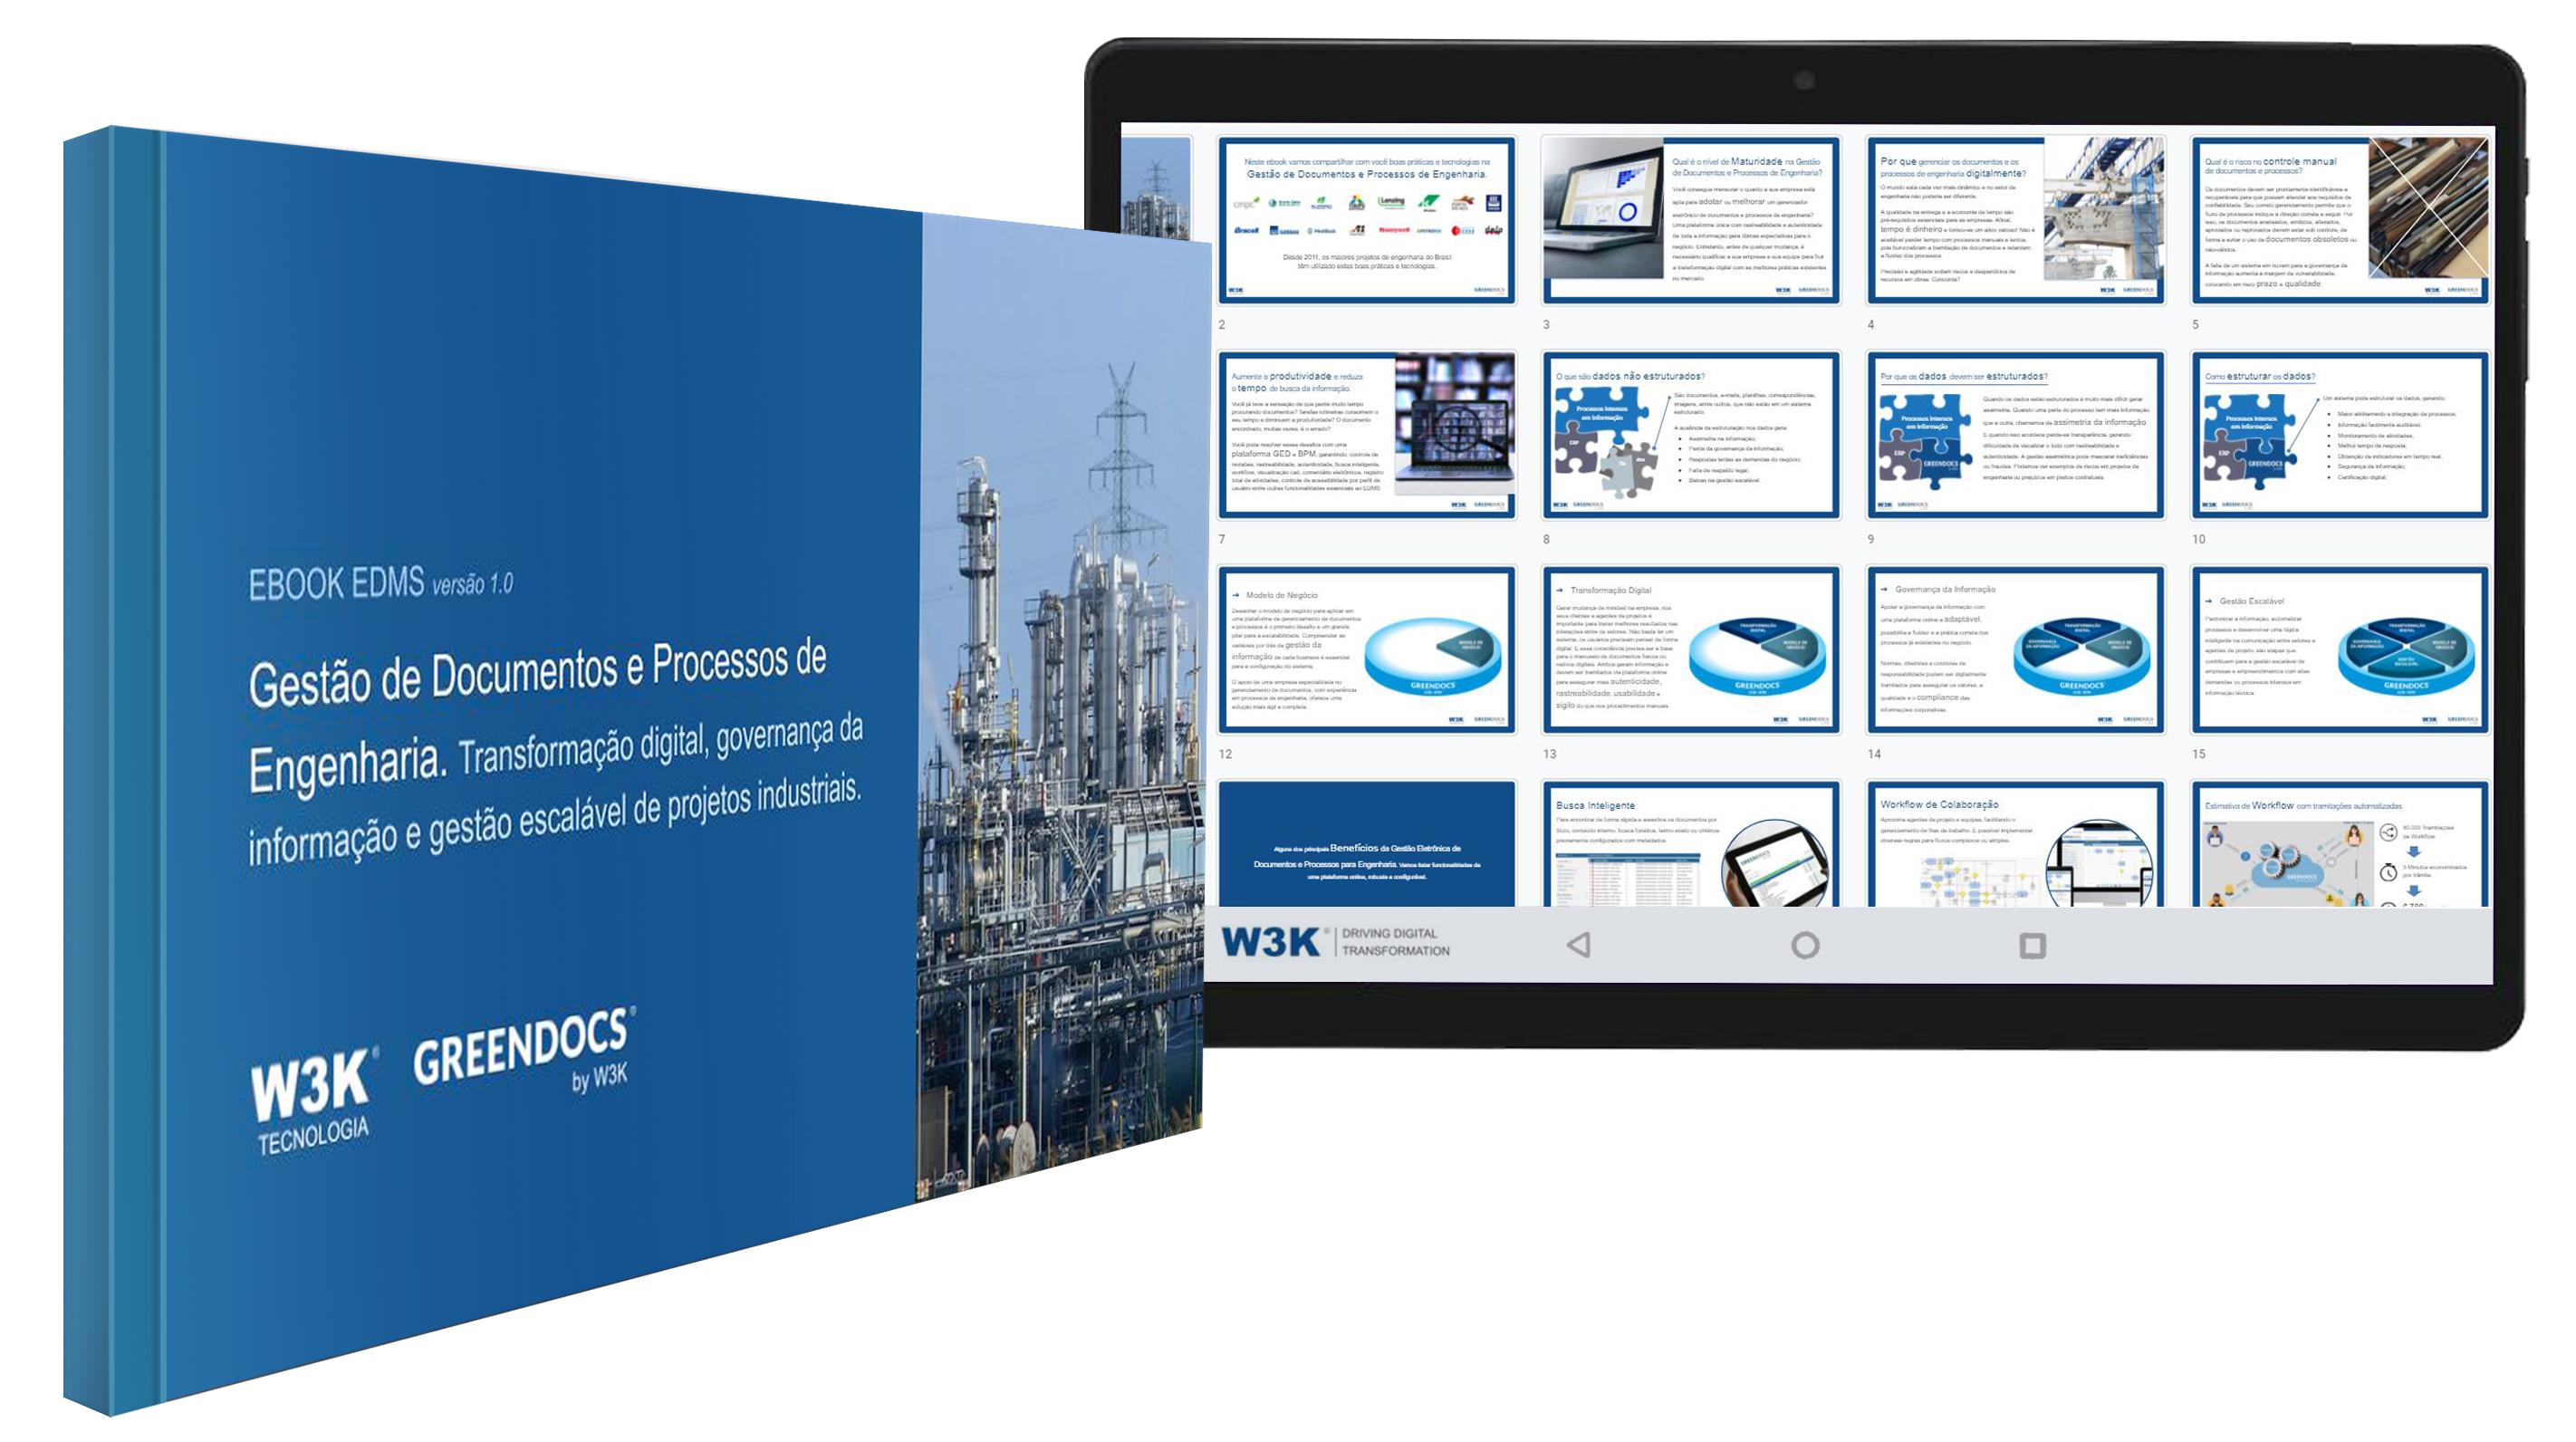 Ebook Gerenciador de Documentos e Processos de Engenharia